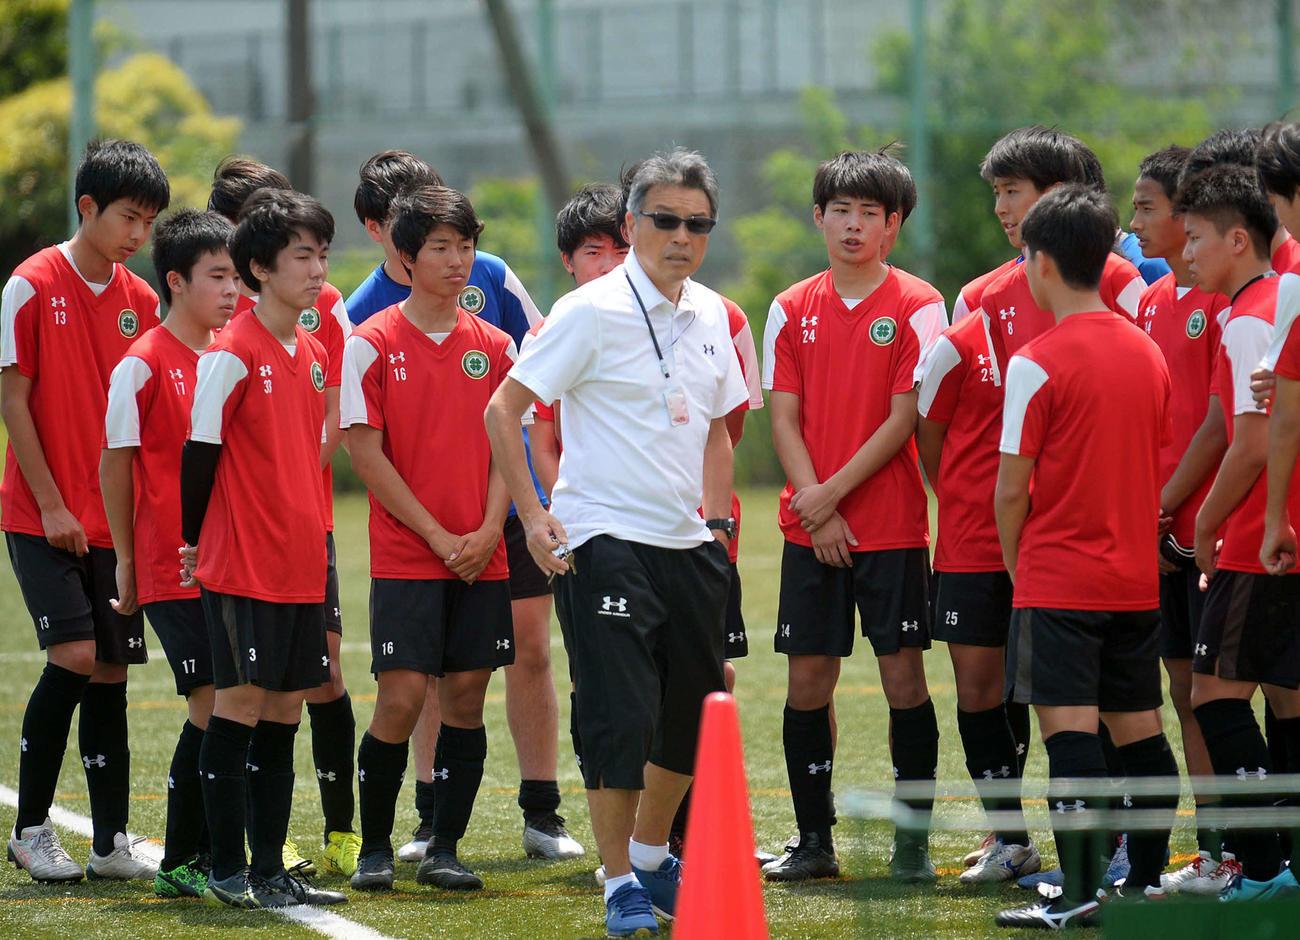 練習前に選手に指示を出す静清の田村監督(中央)